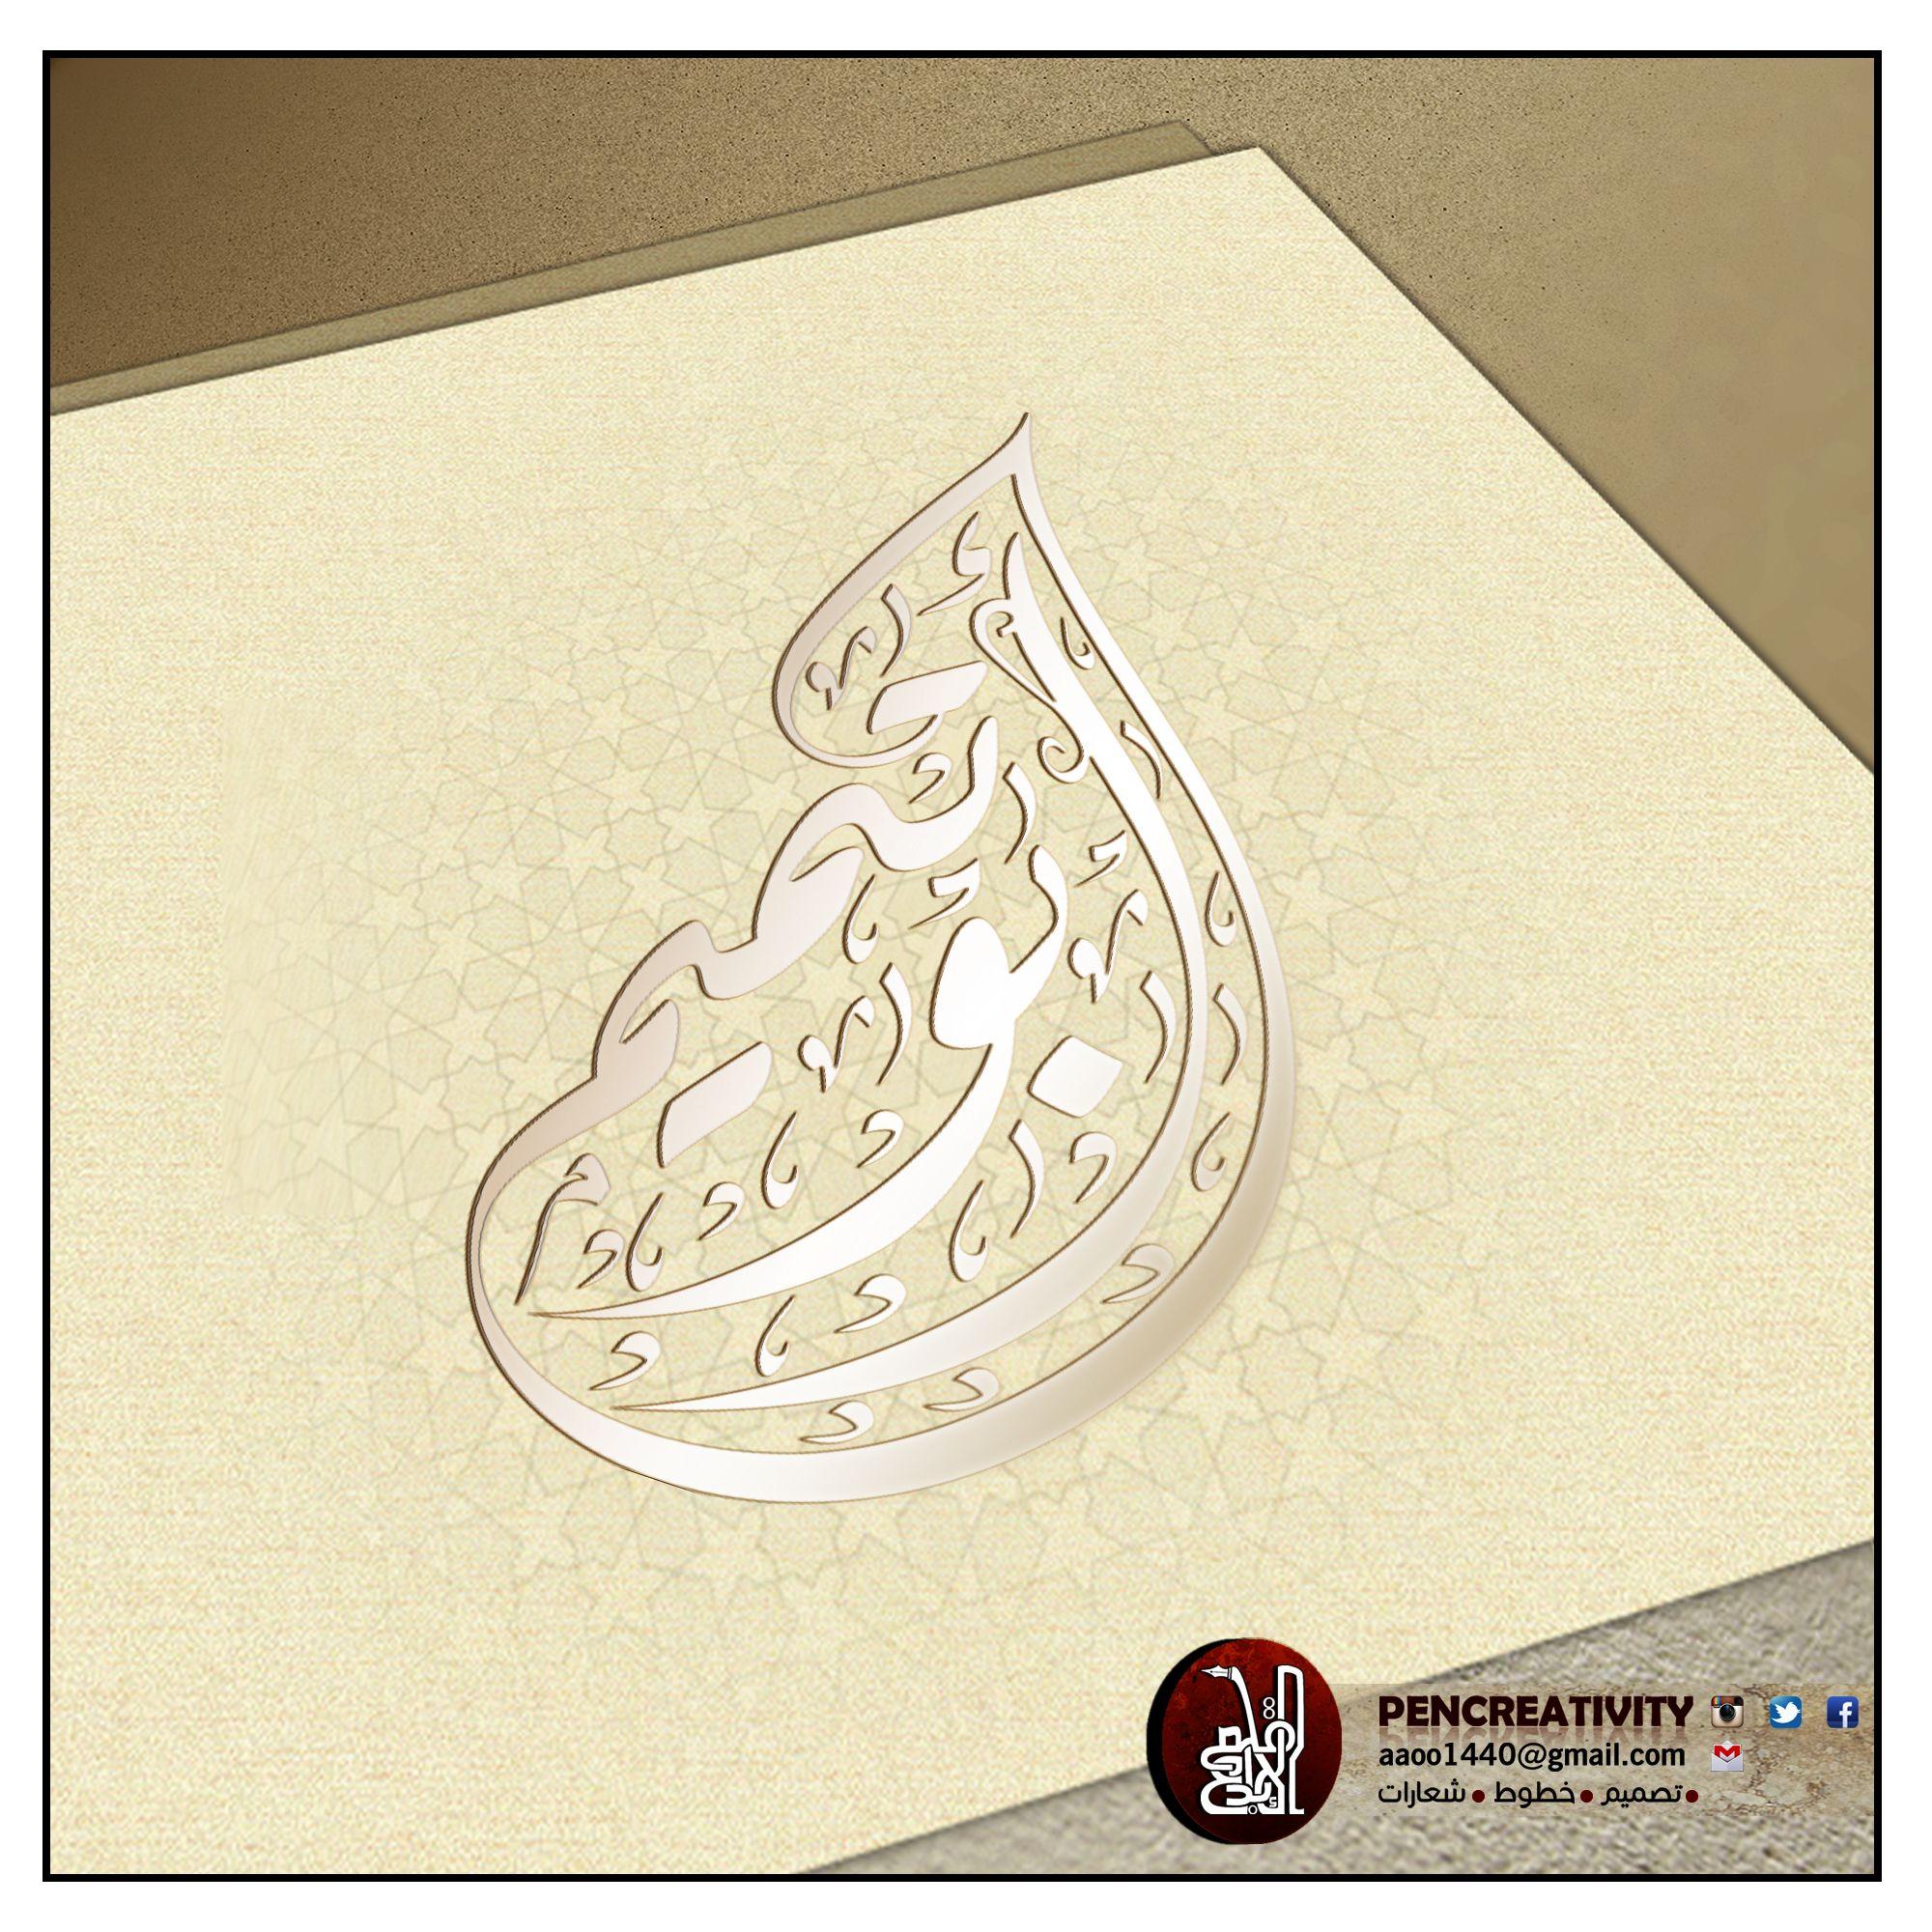 ابو تميم Cards Personalized Items Playing Cards